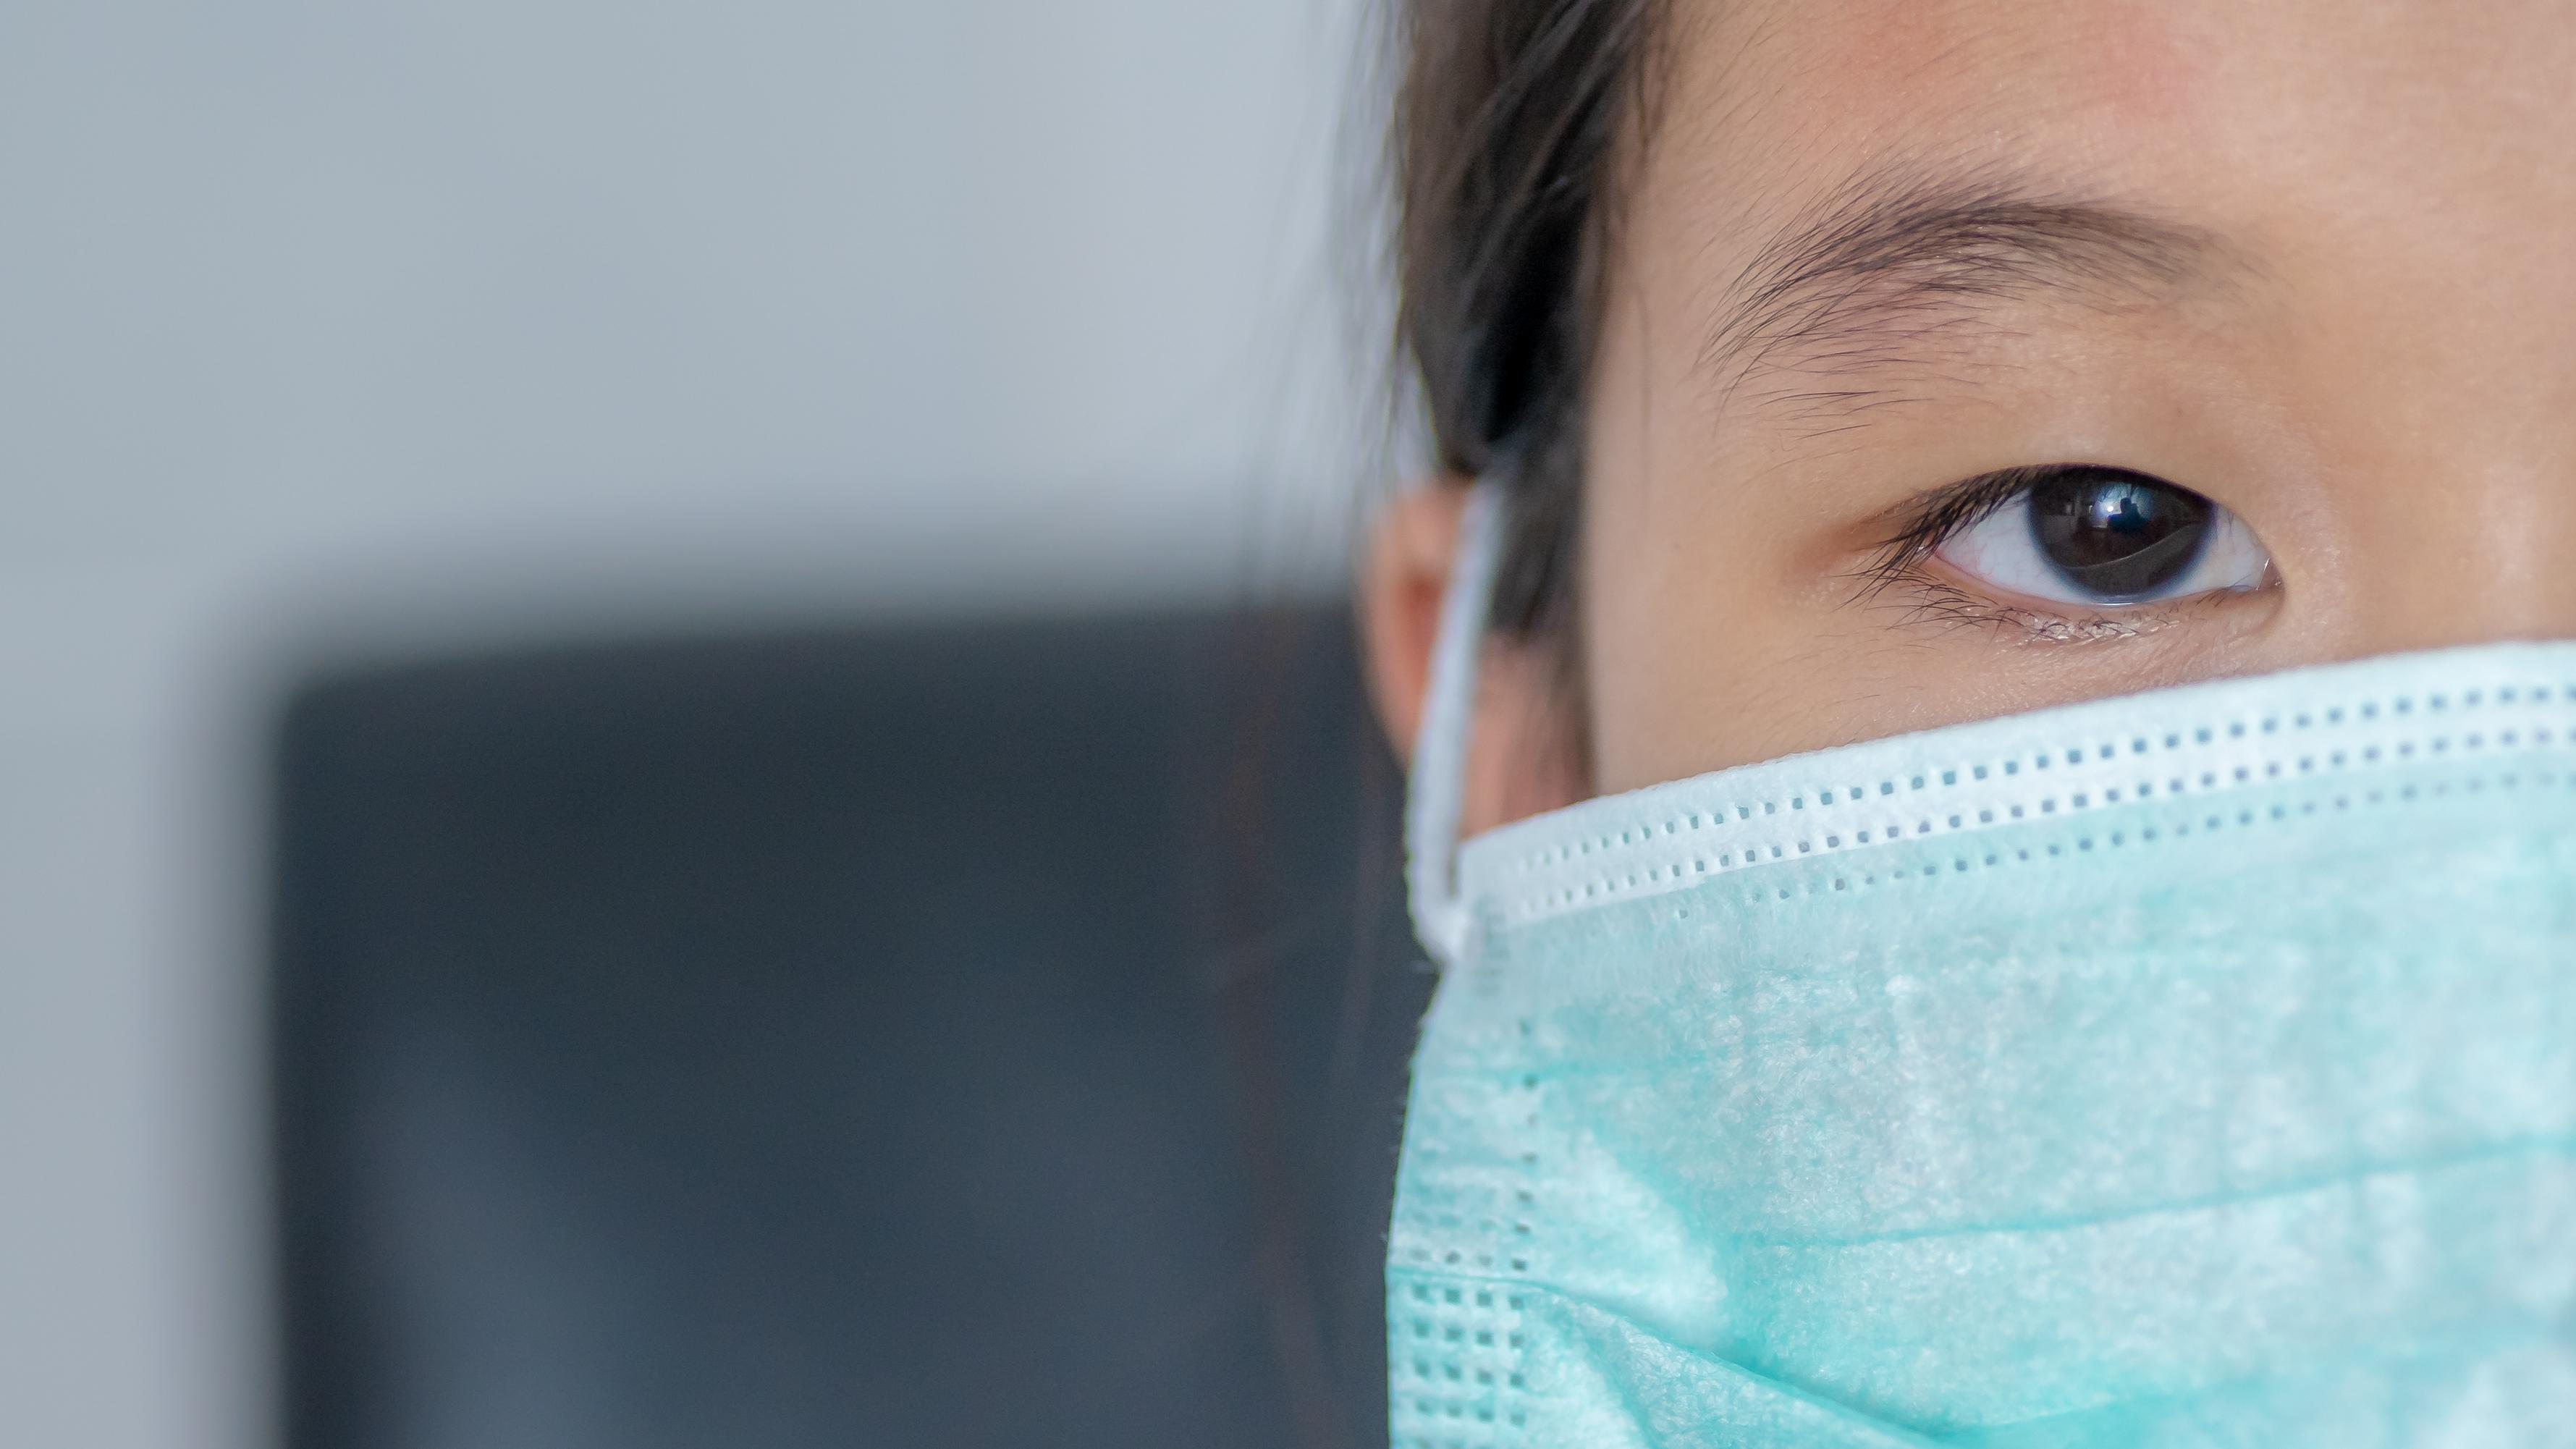 Cientistas encontram tecido no olho humano que parece resistente ao SARS-CoV-2